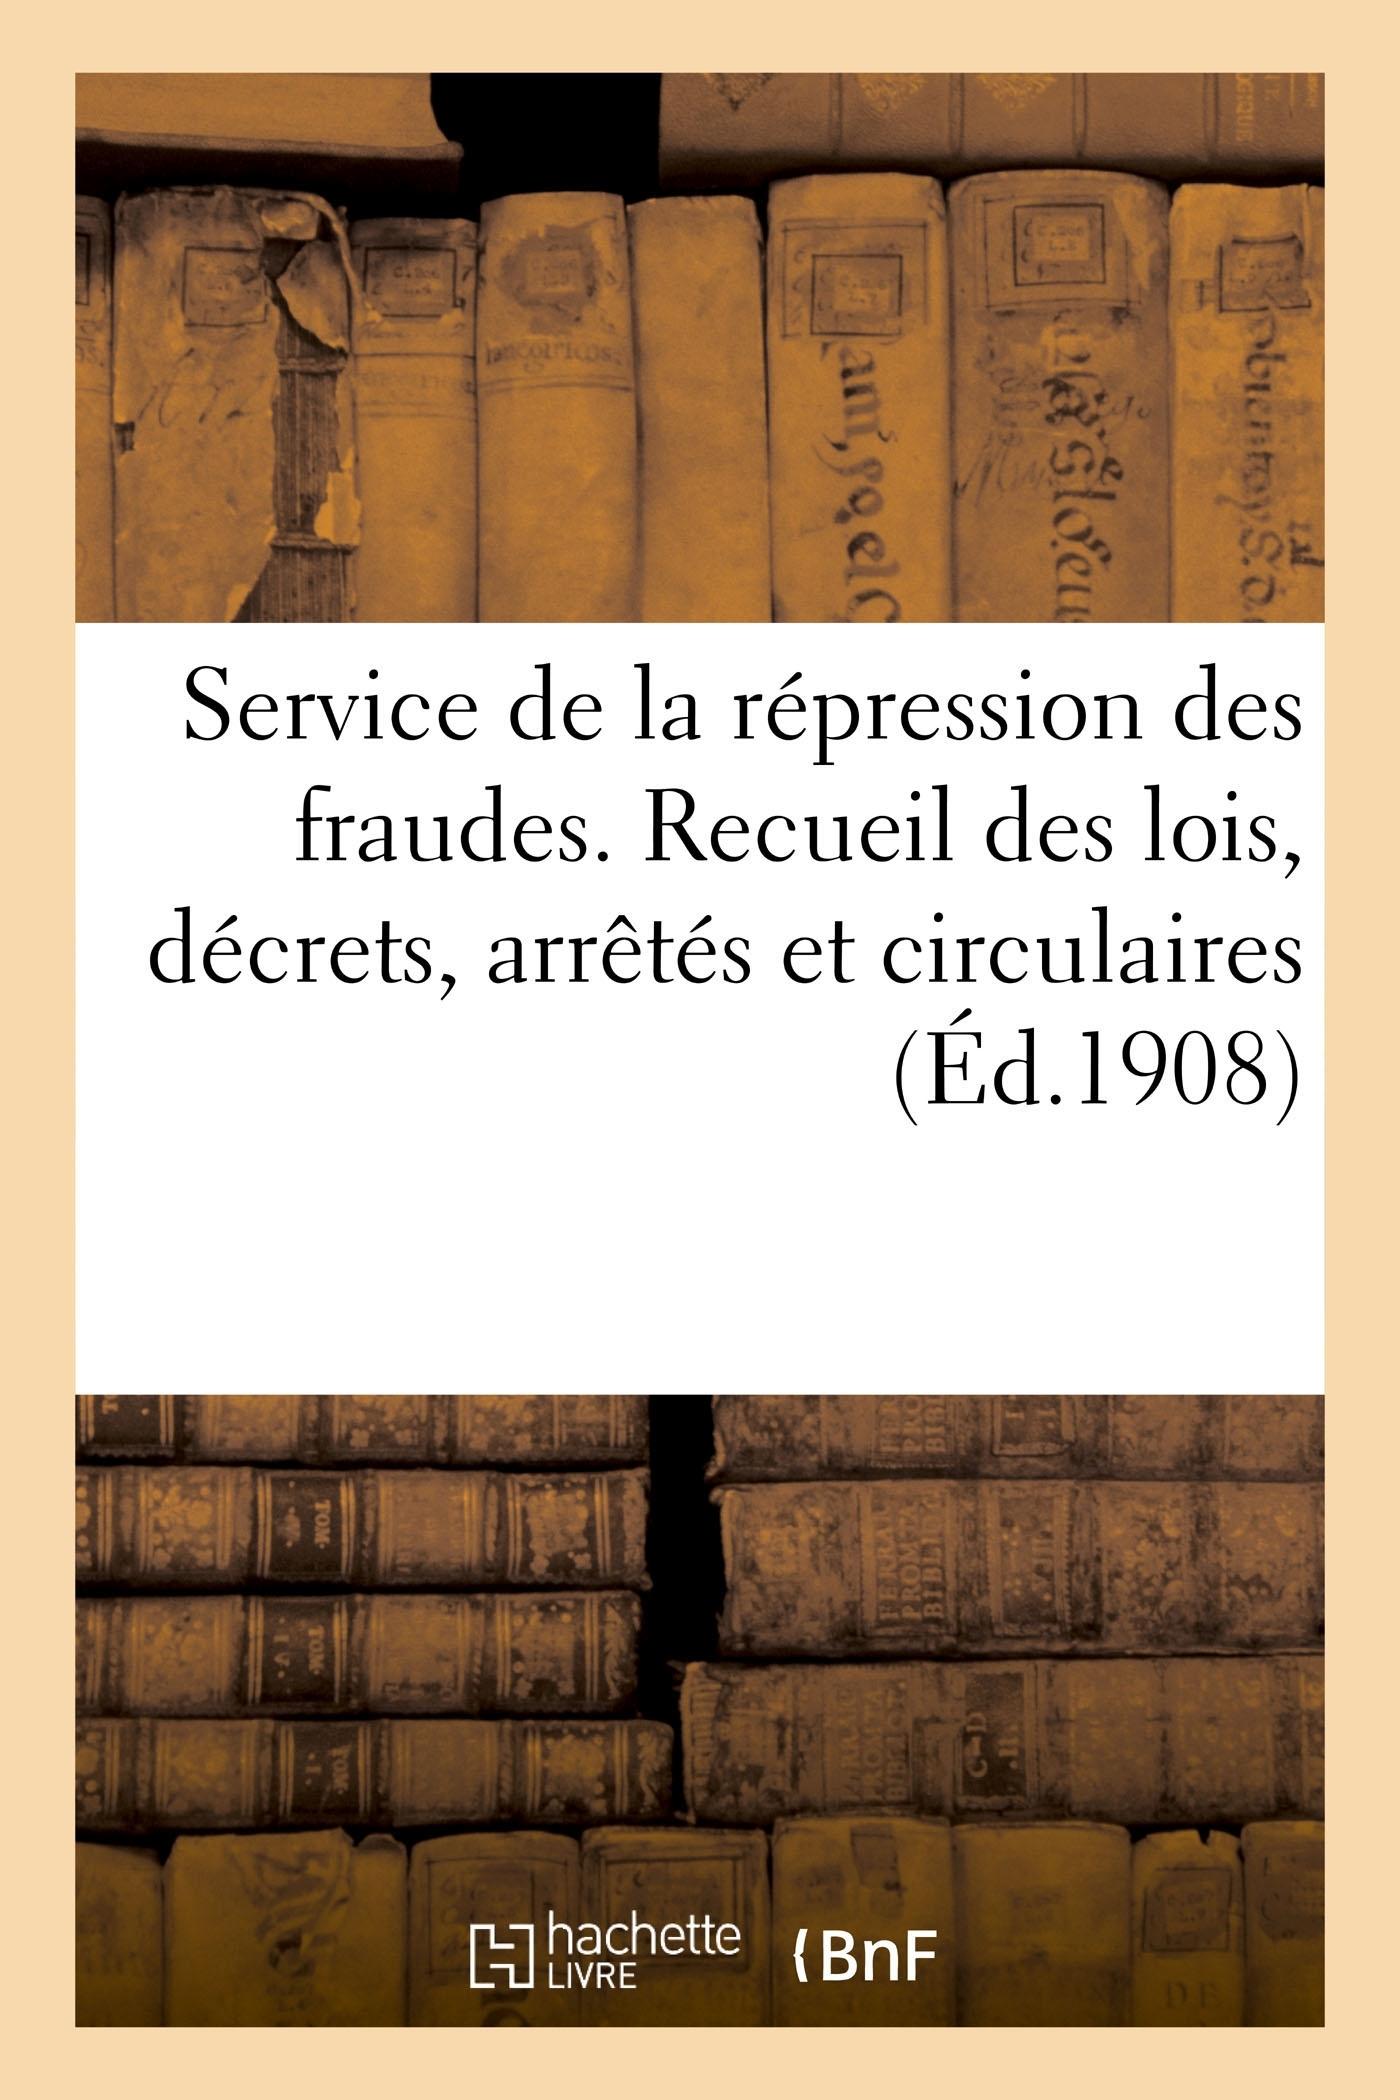 MINISTERE DE L'AGRICULTURE. SERVICE DE LA REPRESSION DES FRAUDES. RECUEIL DES LOIS, DECRETS, ARRETES